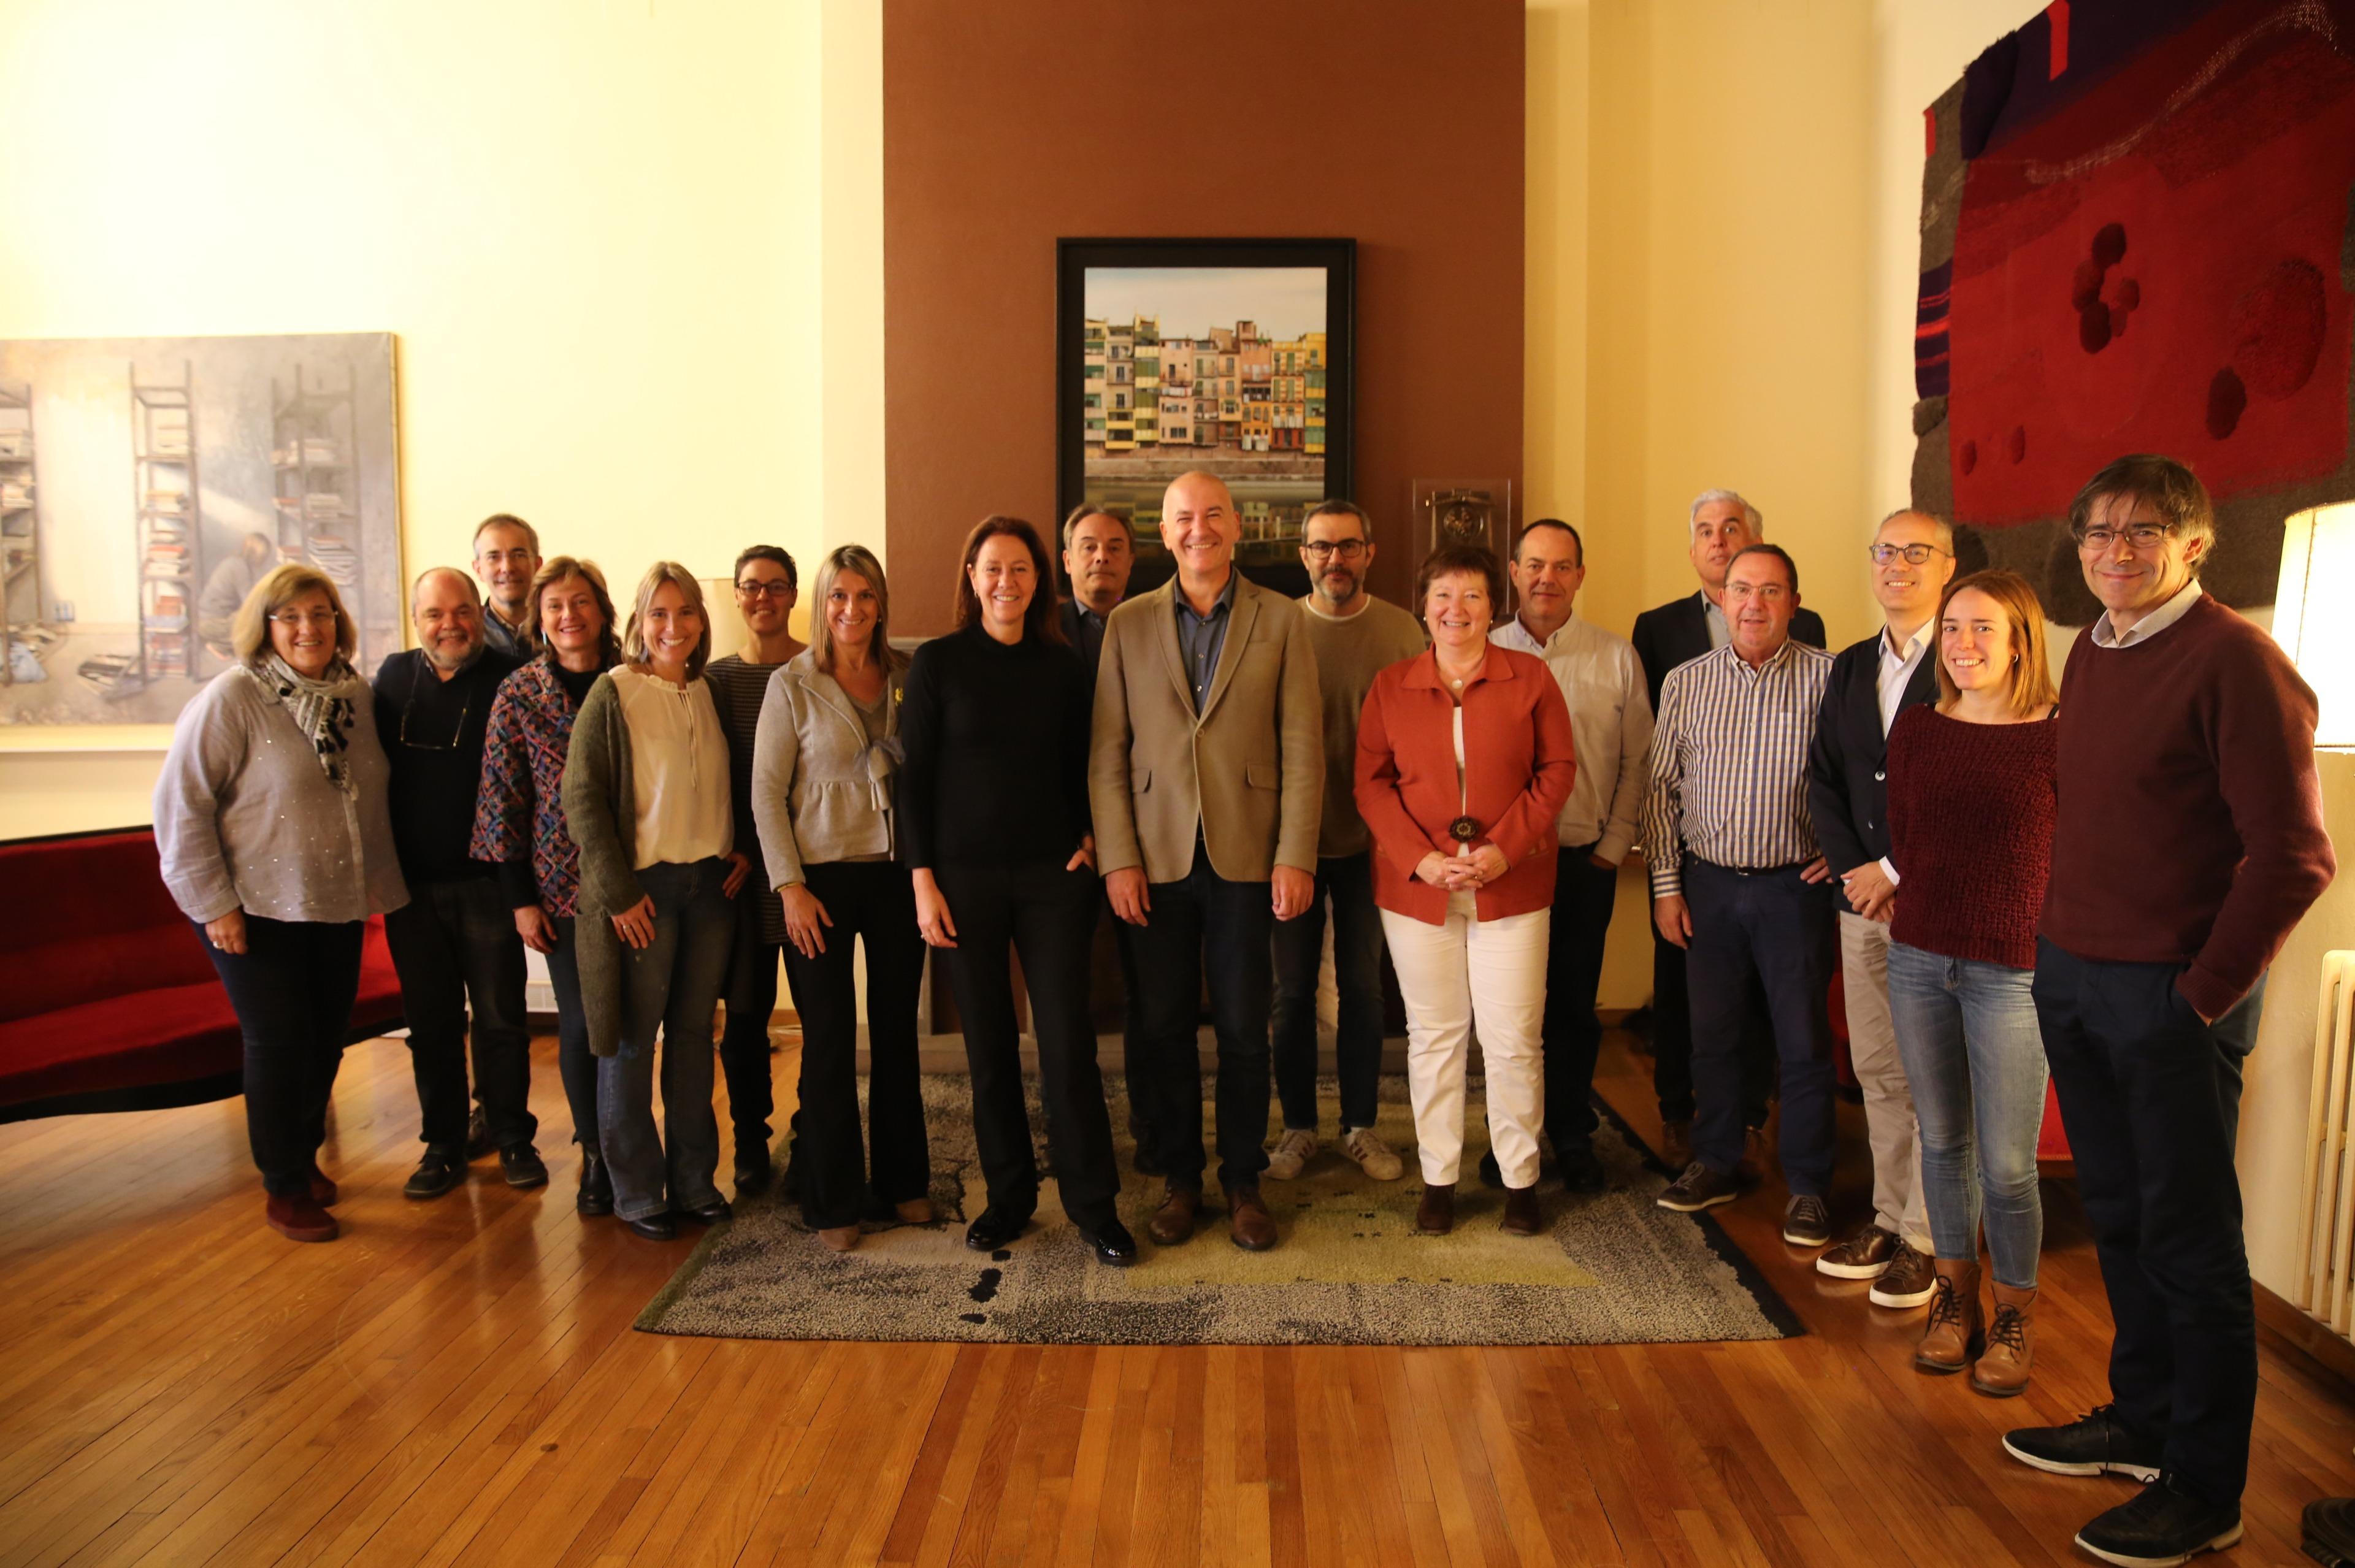 Trobada institucional entre l'Ajuntament de Girona i la Universitat de Girona